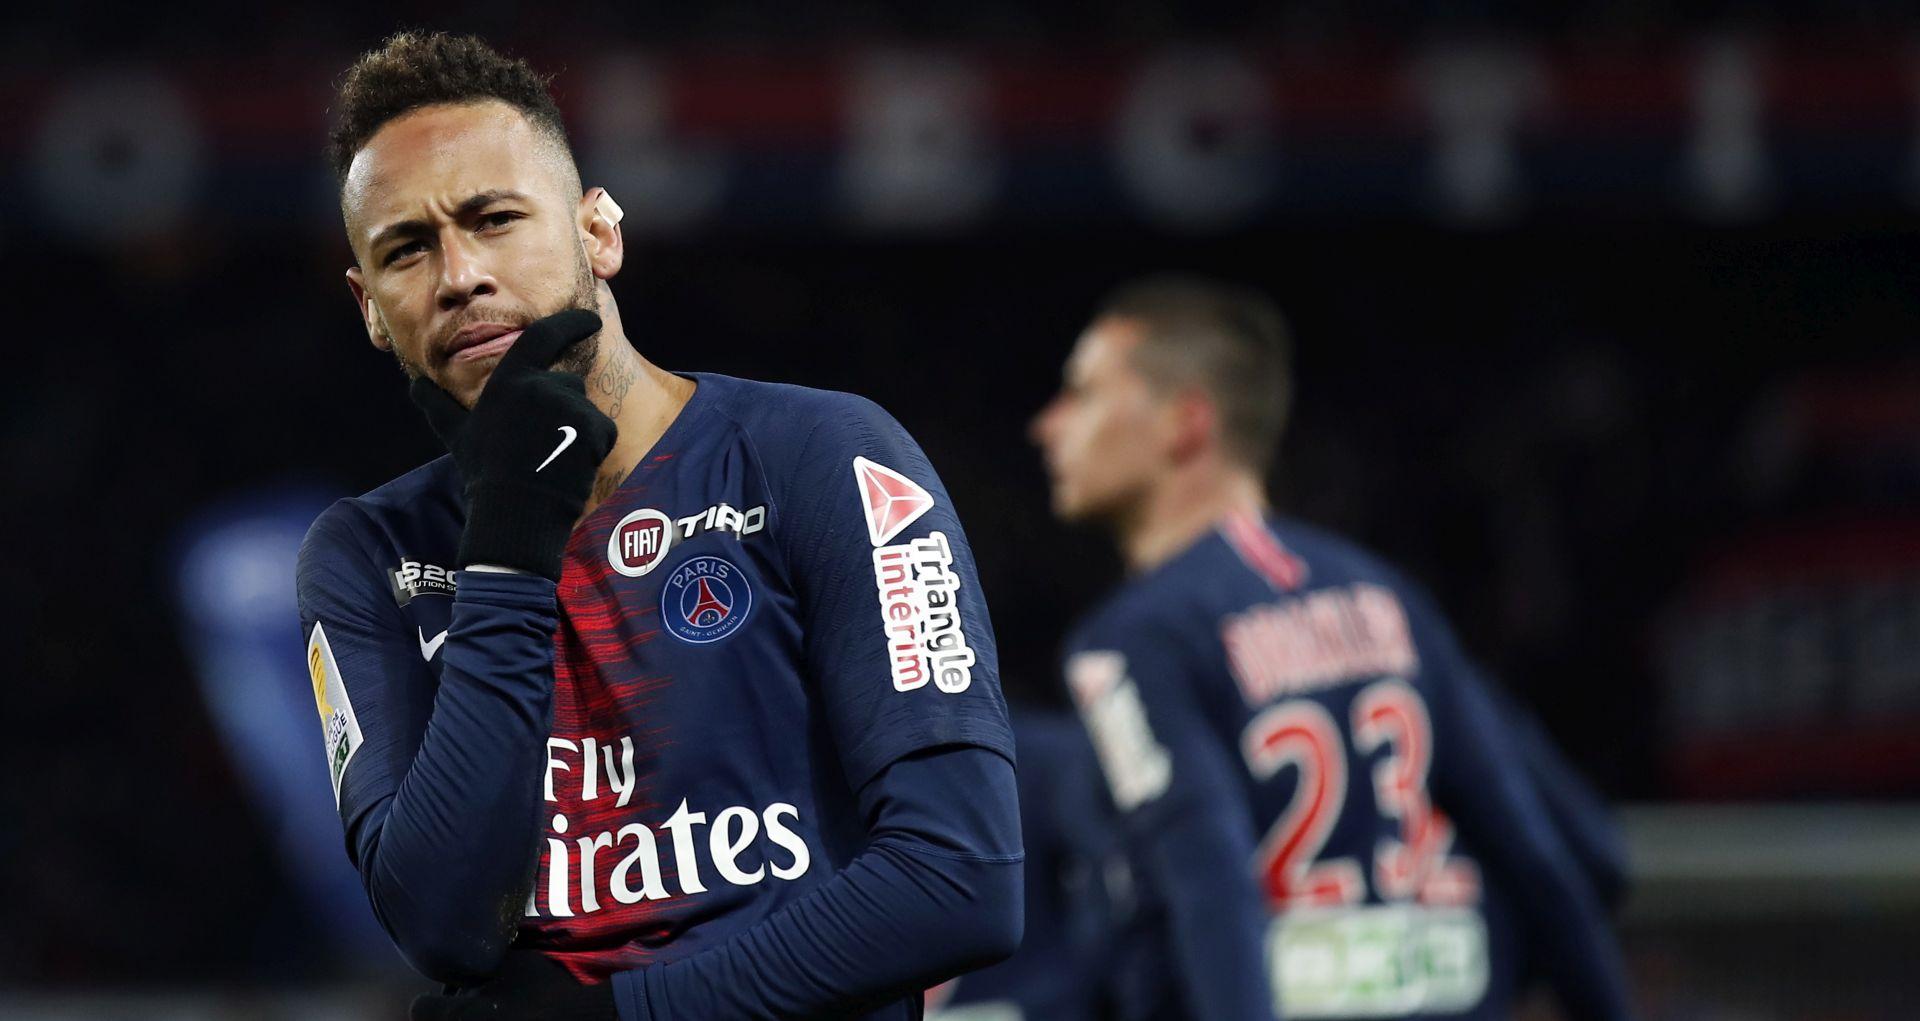 Neymar van terena deset tjedana